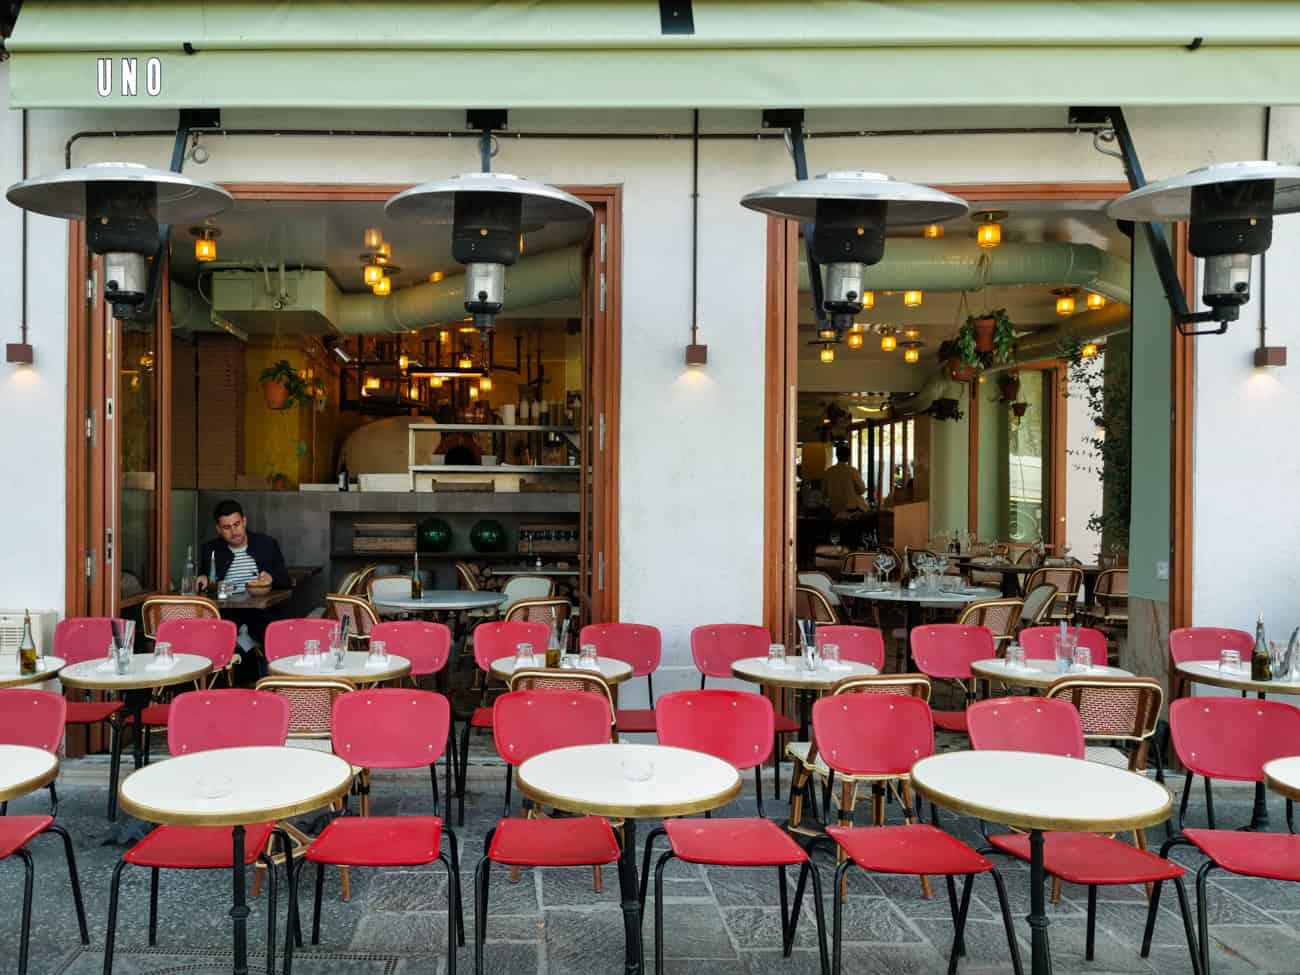 uno-restaurant-italien-pizzeria-les-halles-paris-25